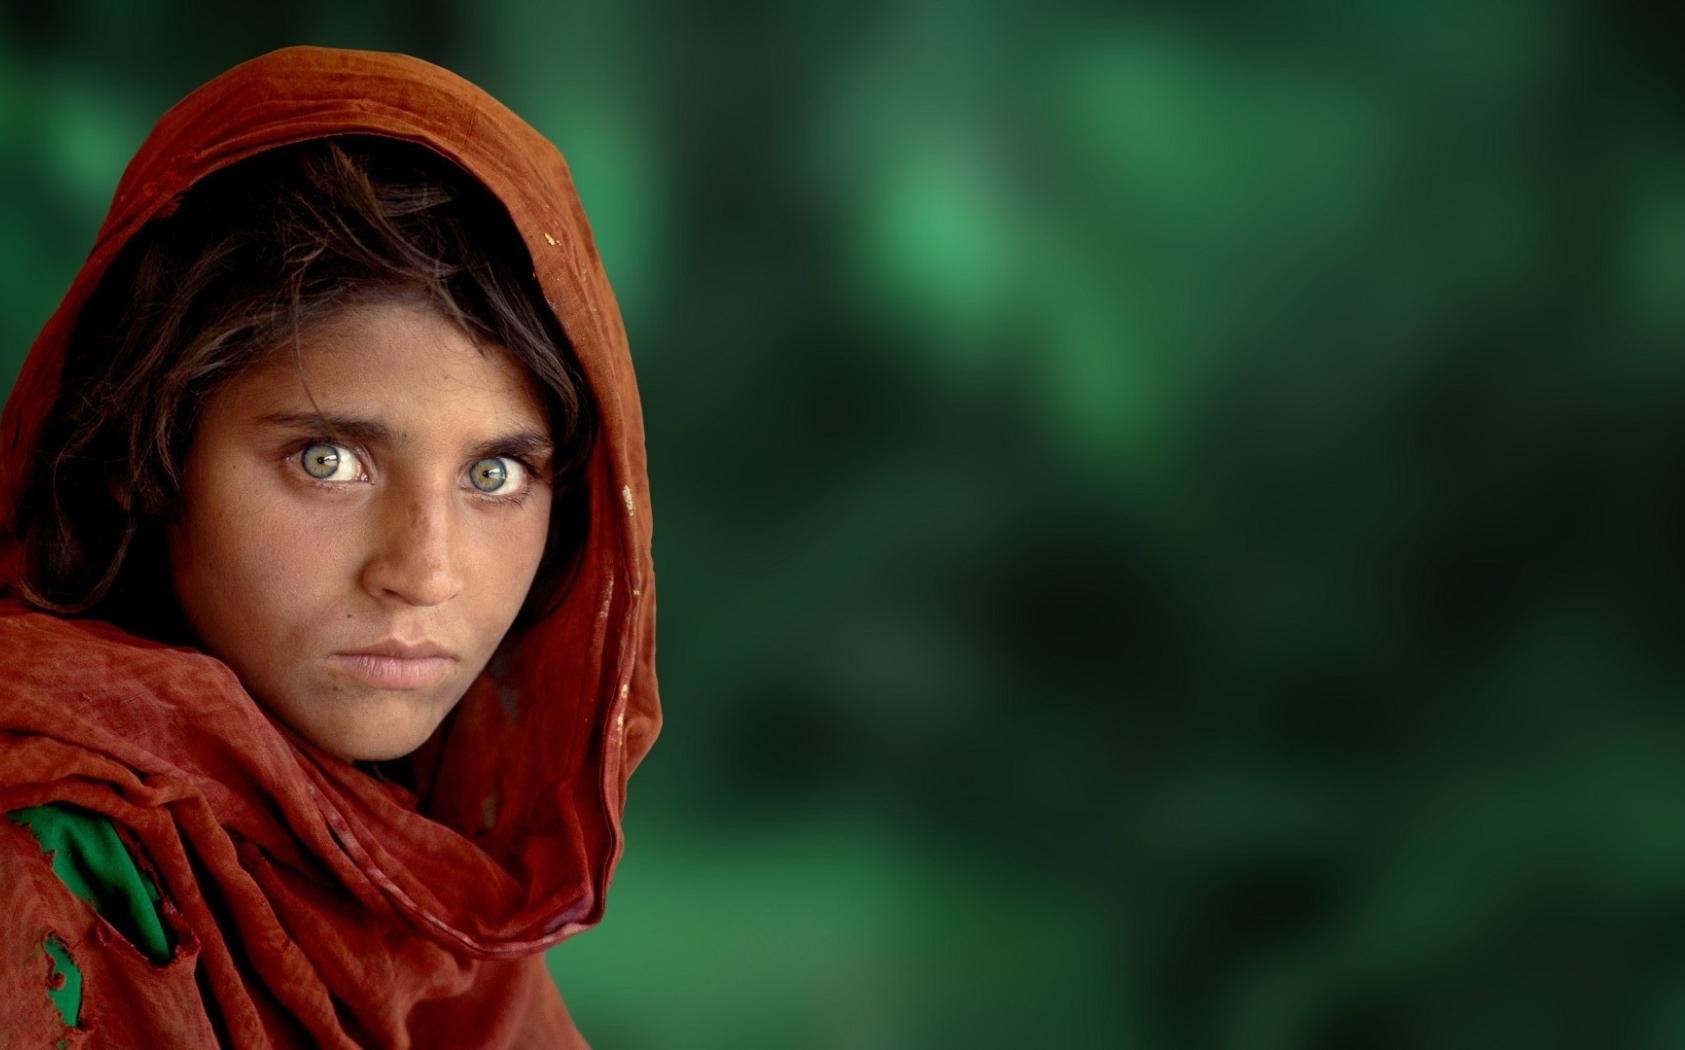 afganistanska-djevojka-national-geographic